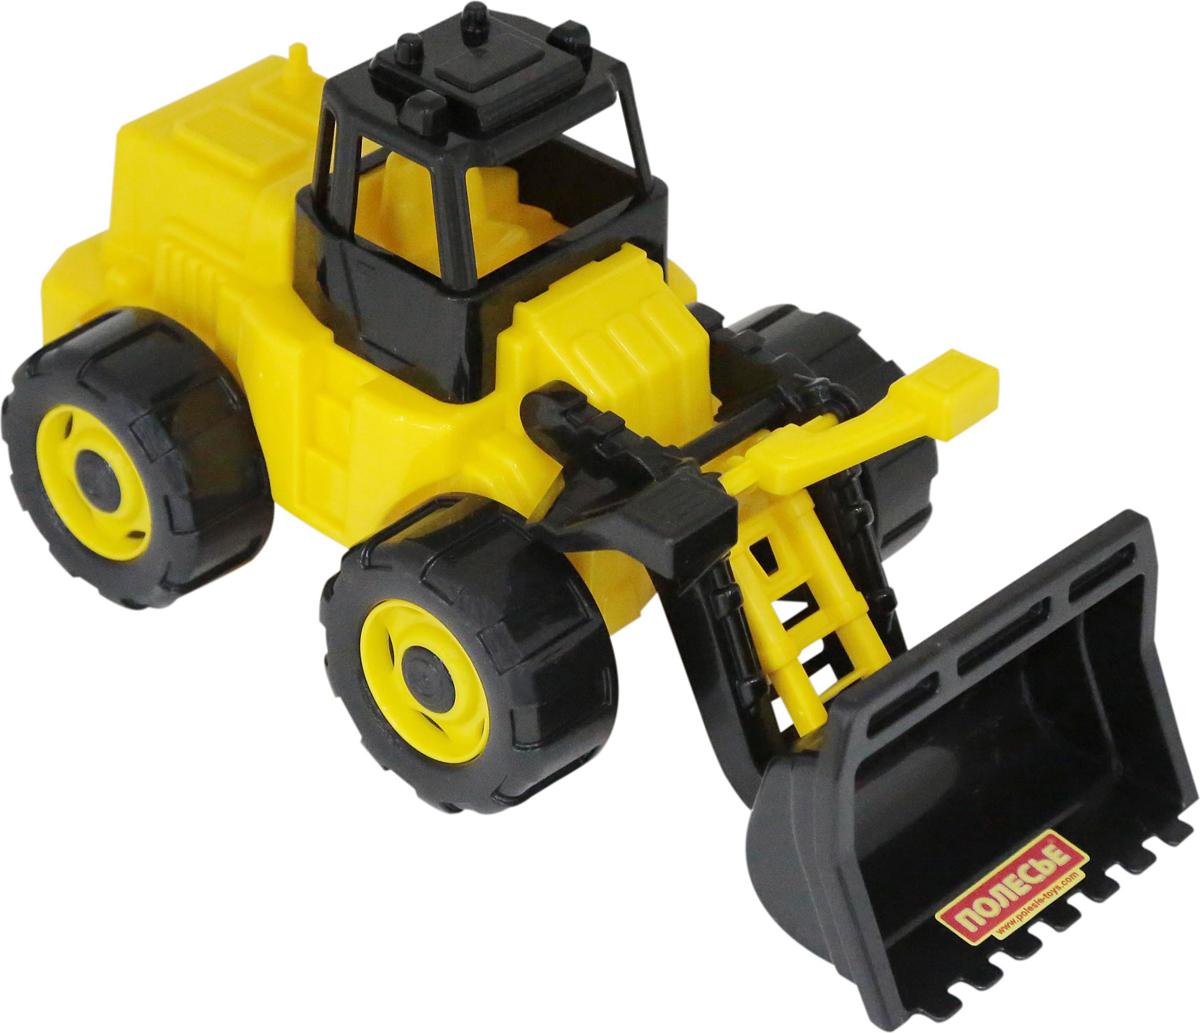 Полесье Трактор-погрузчик Геракл, цвет в ассортименте трактор полесье трактор погрузчик умелец оранжевый 159238